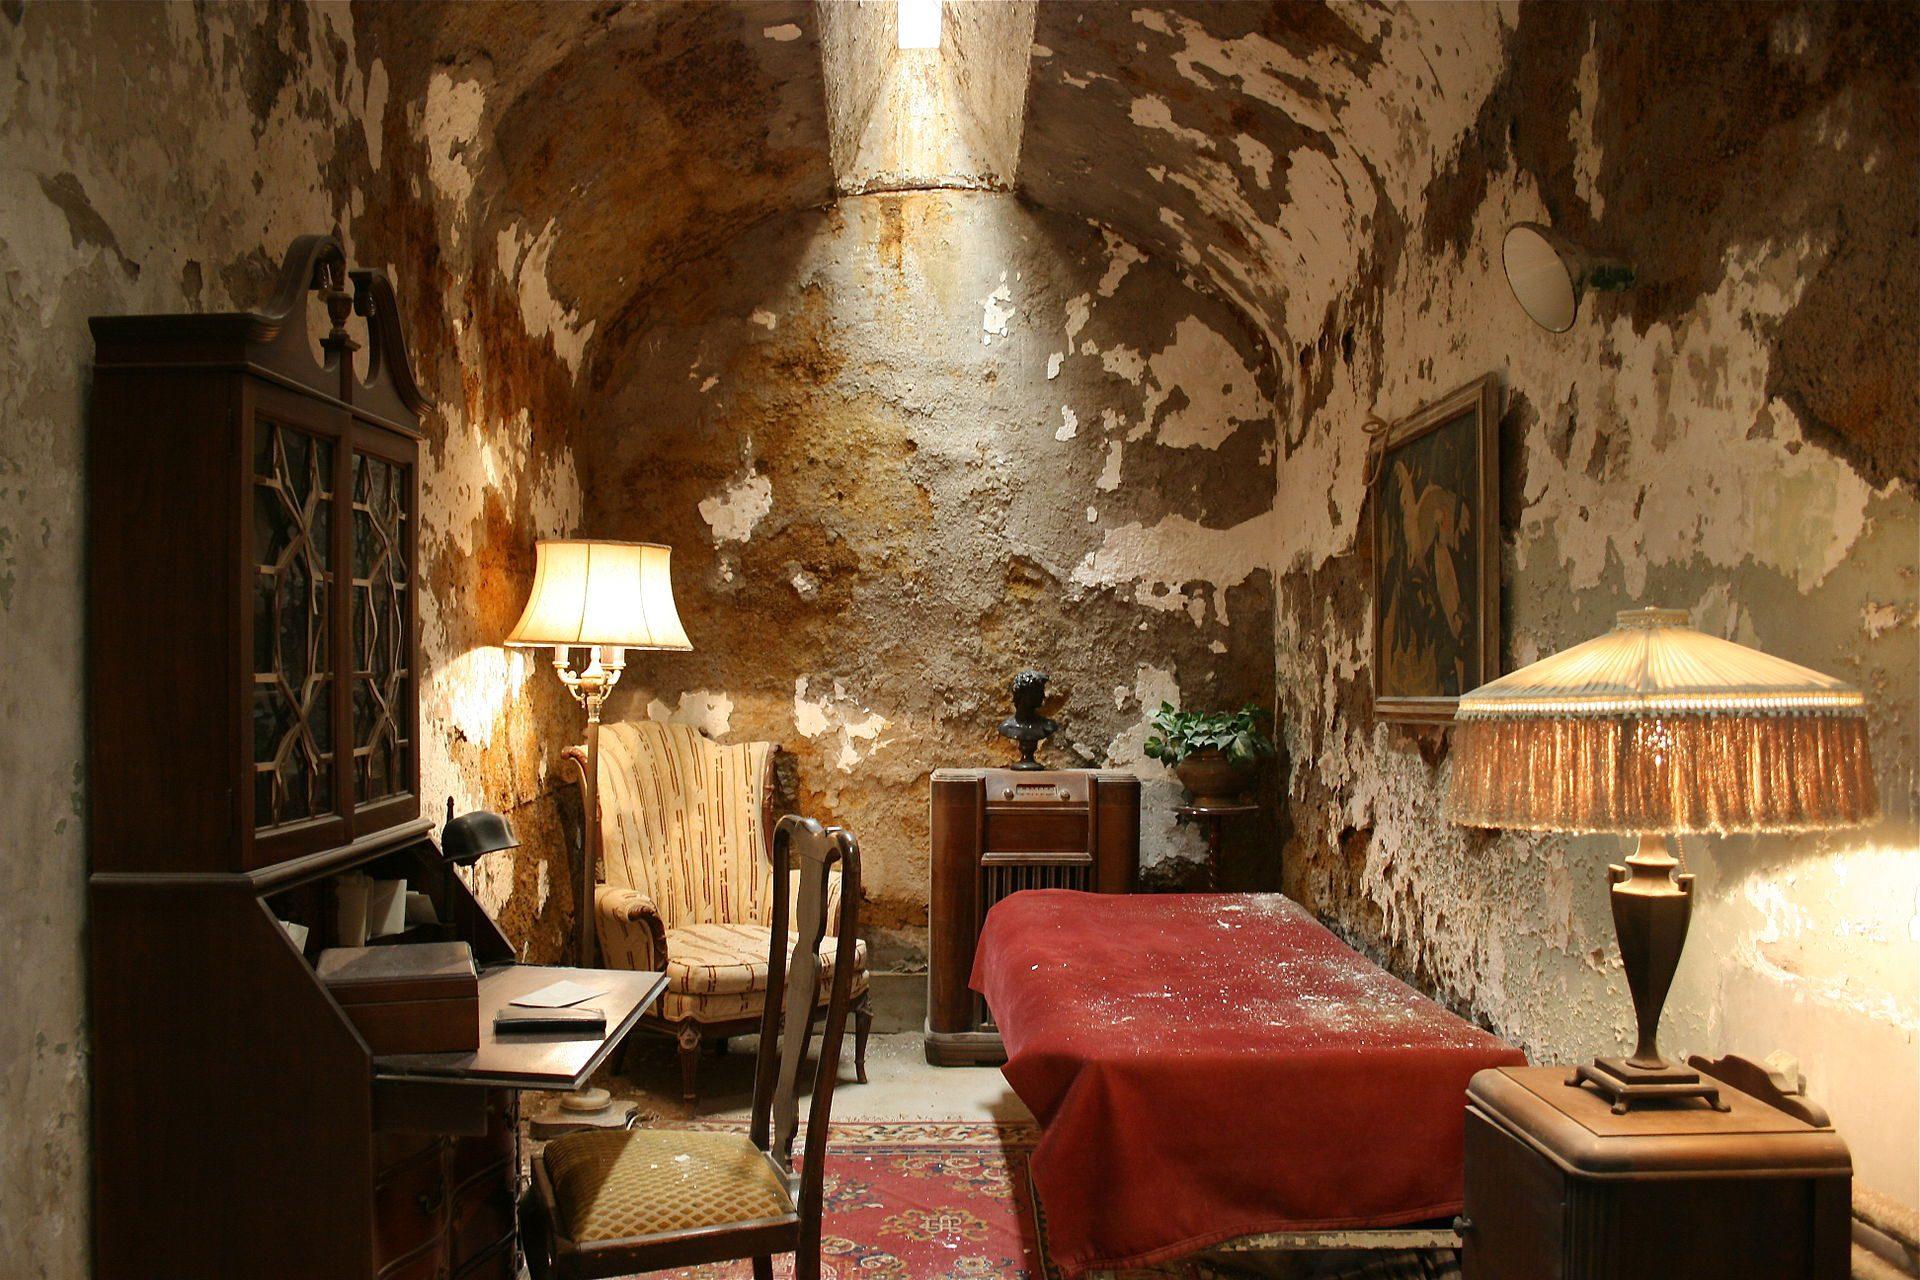 Die Gefängniszelle von - Al Capone